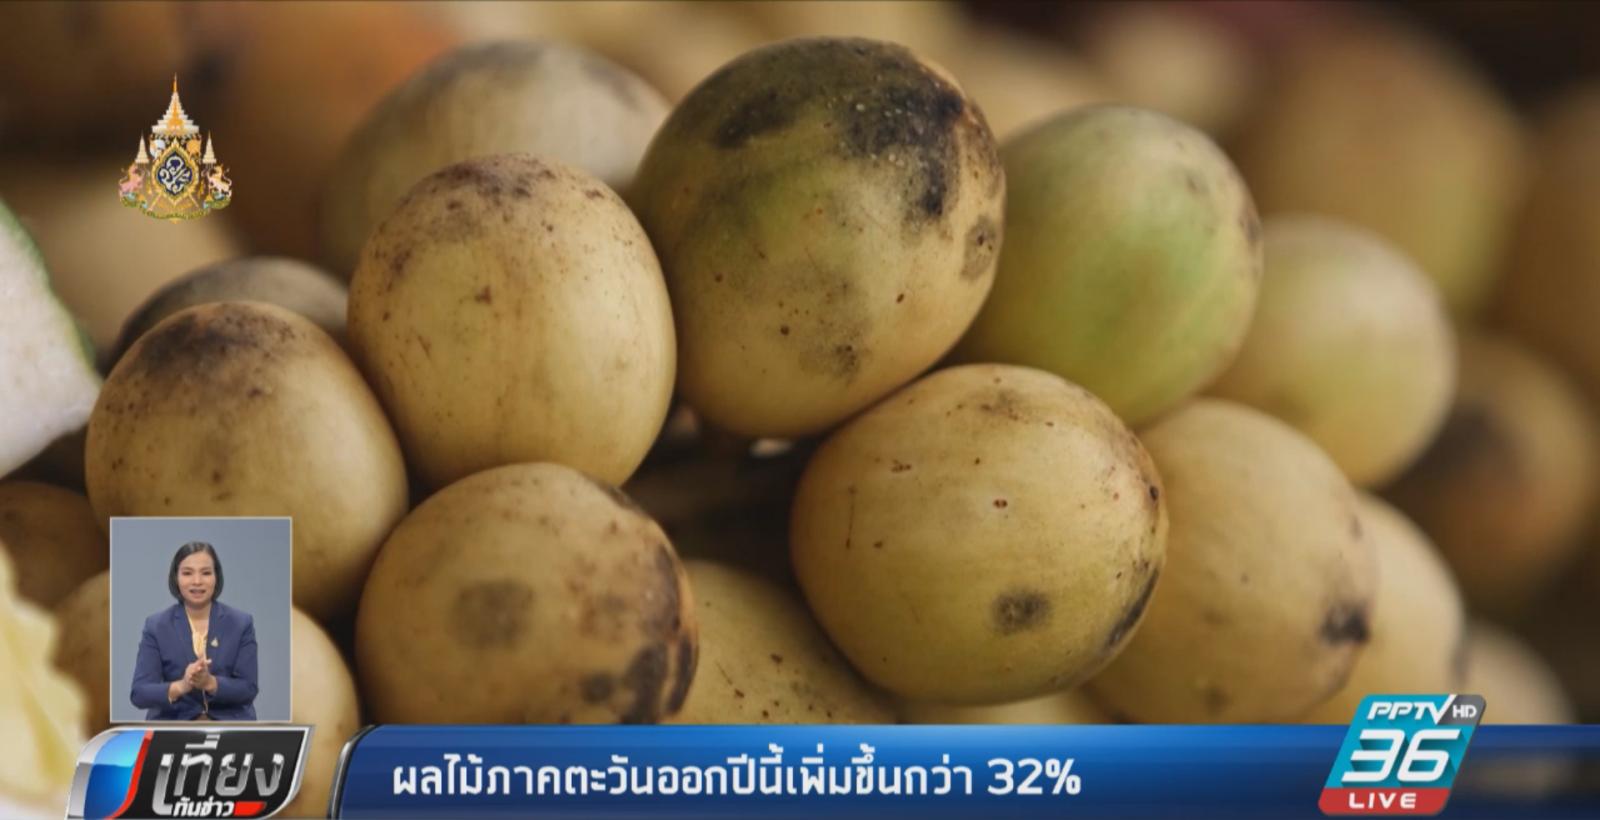 ก.เกษตรฯ คาด ปีนี้ผลไม้ภาคตะวันออก เพิ่มขึ้นกว่า 32%